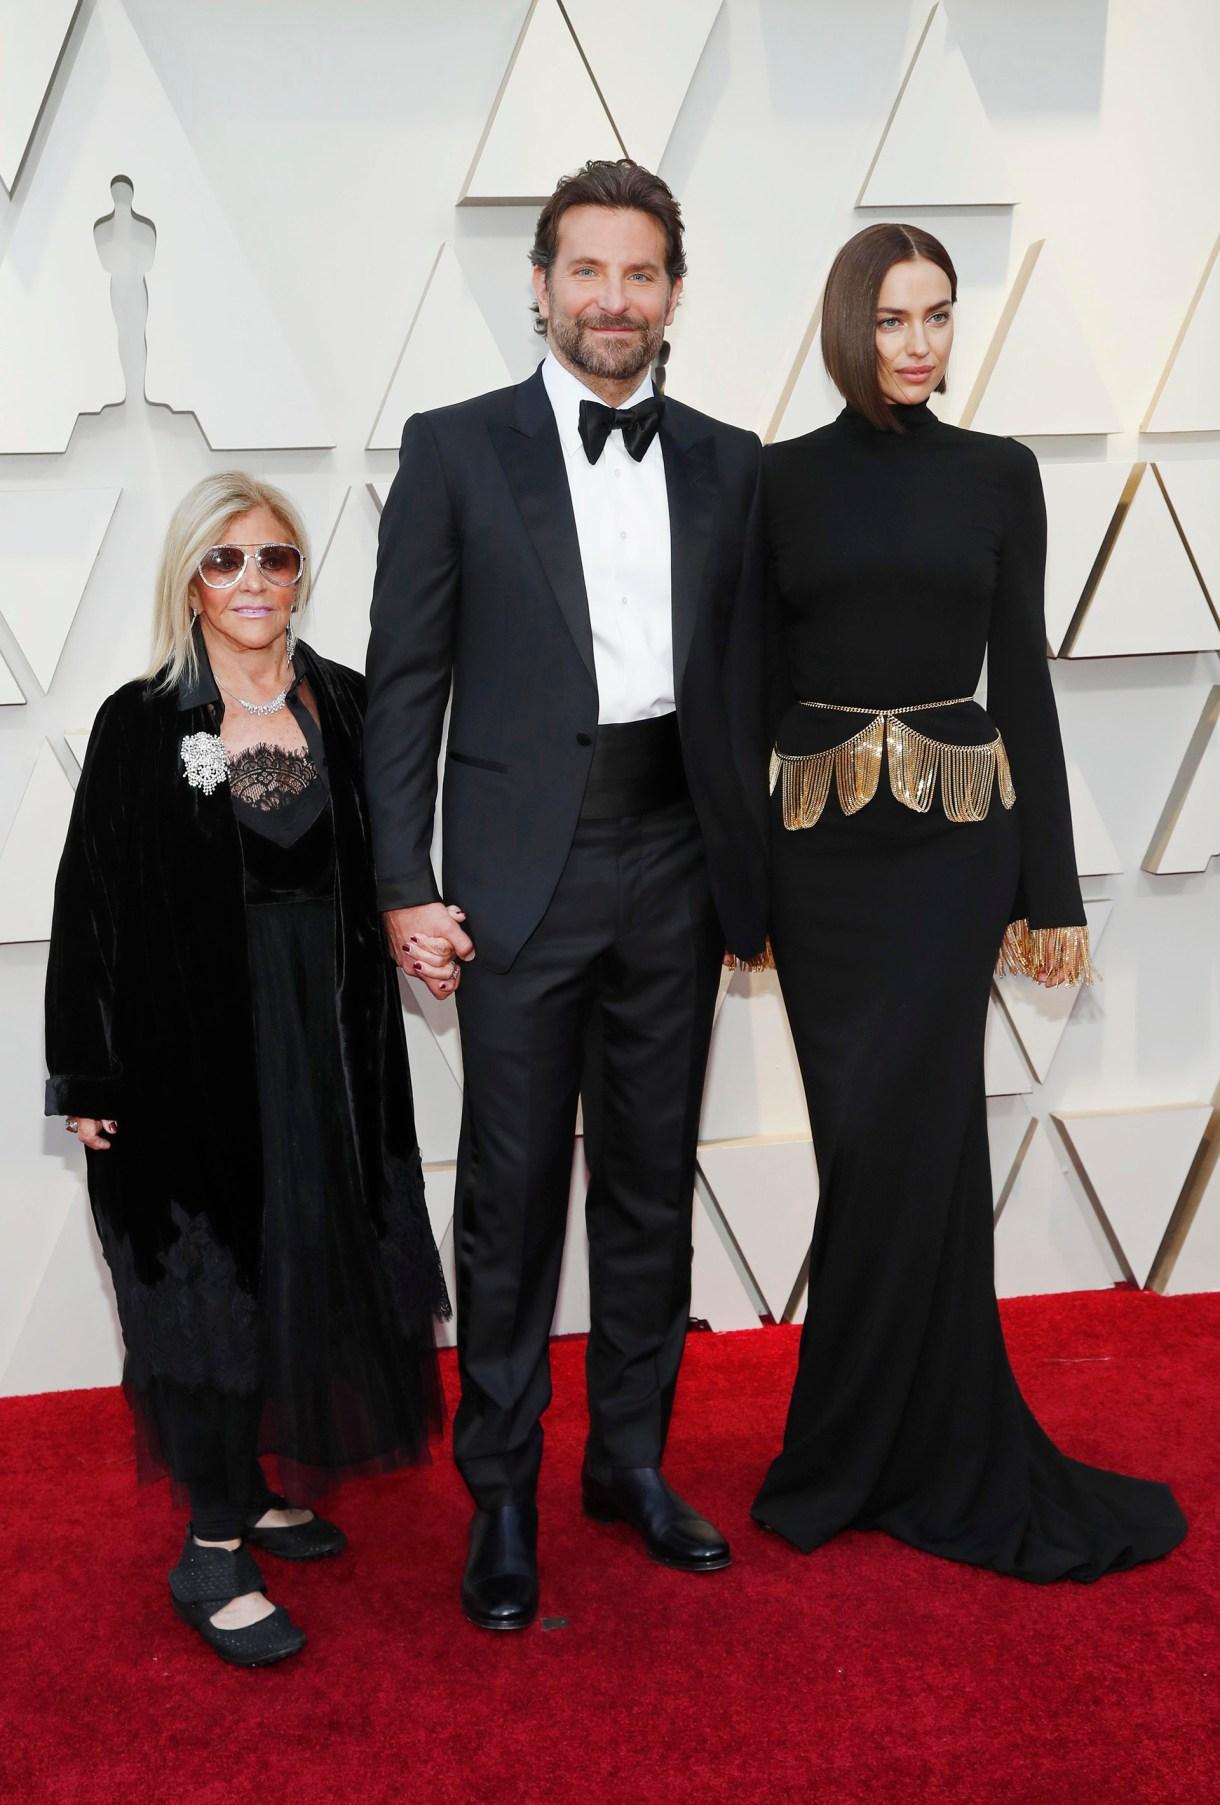 Bradley Cooper con su esposa Irina Shayky su madre Gloria Campano. REUTERS/Mario Anzuoni